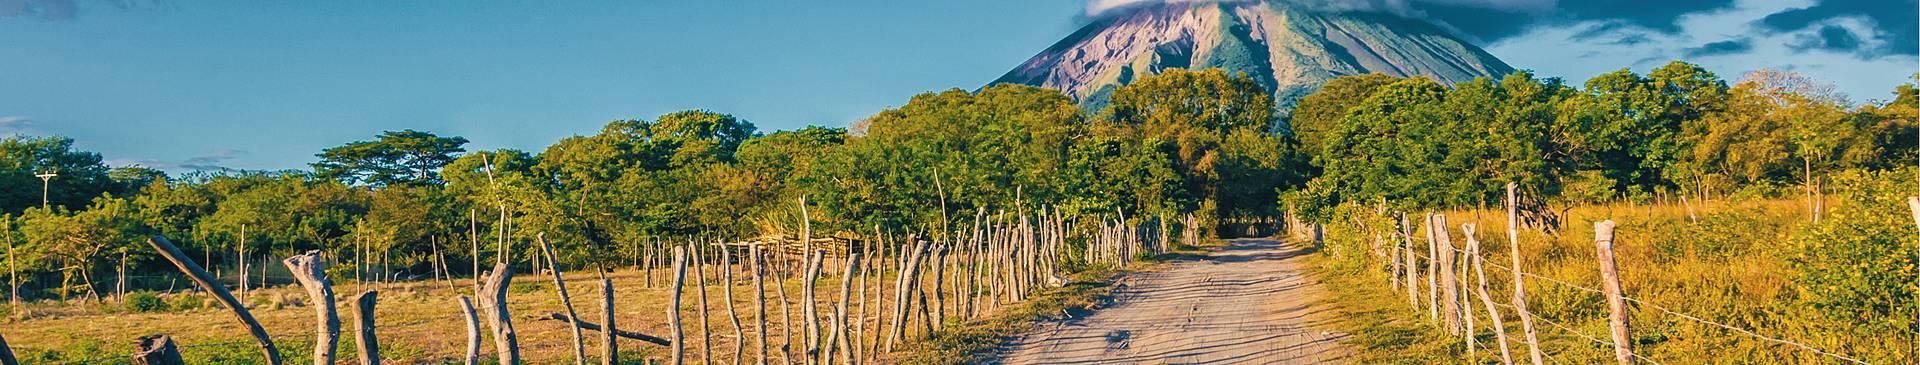 Zwei Wochen nach Nicaragua